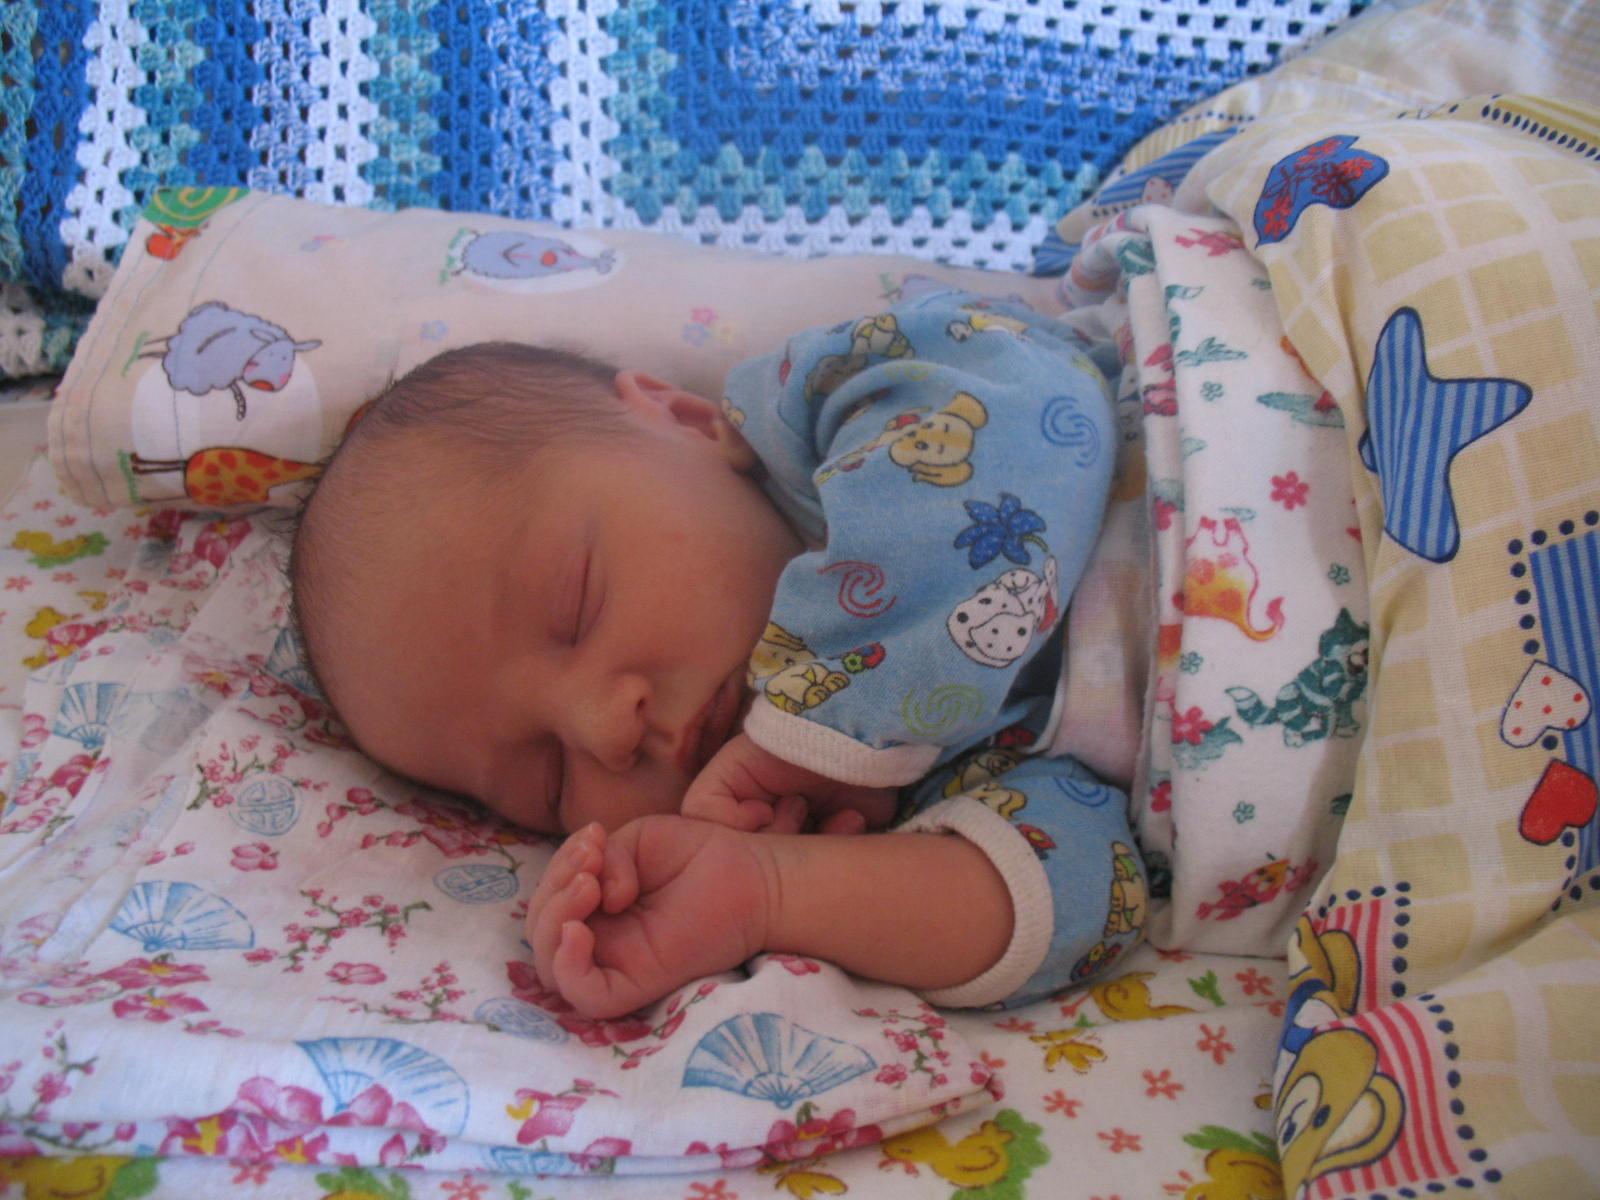 Когда заканчиваются колики у новорождённых: сроки и рекомендации